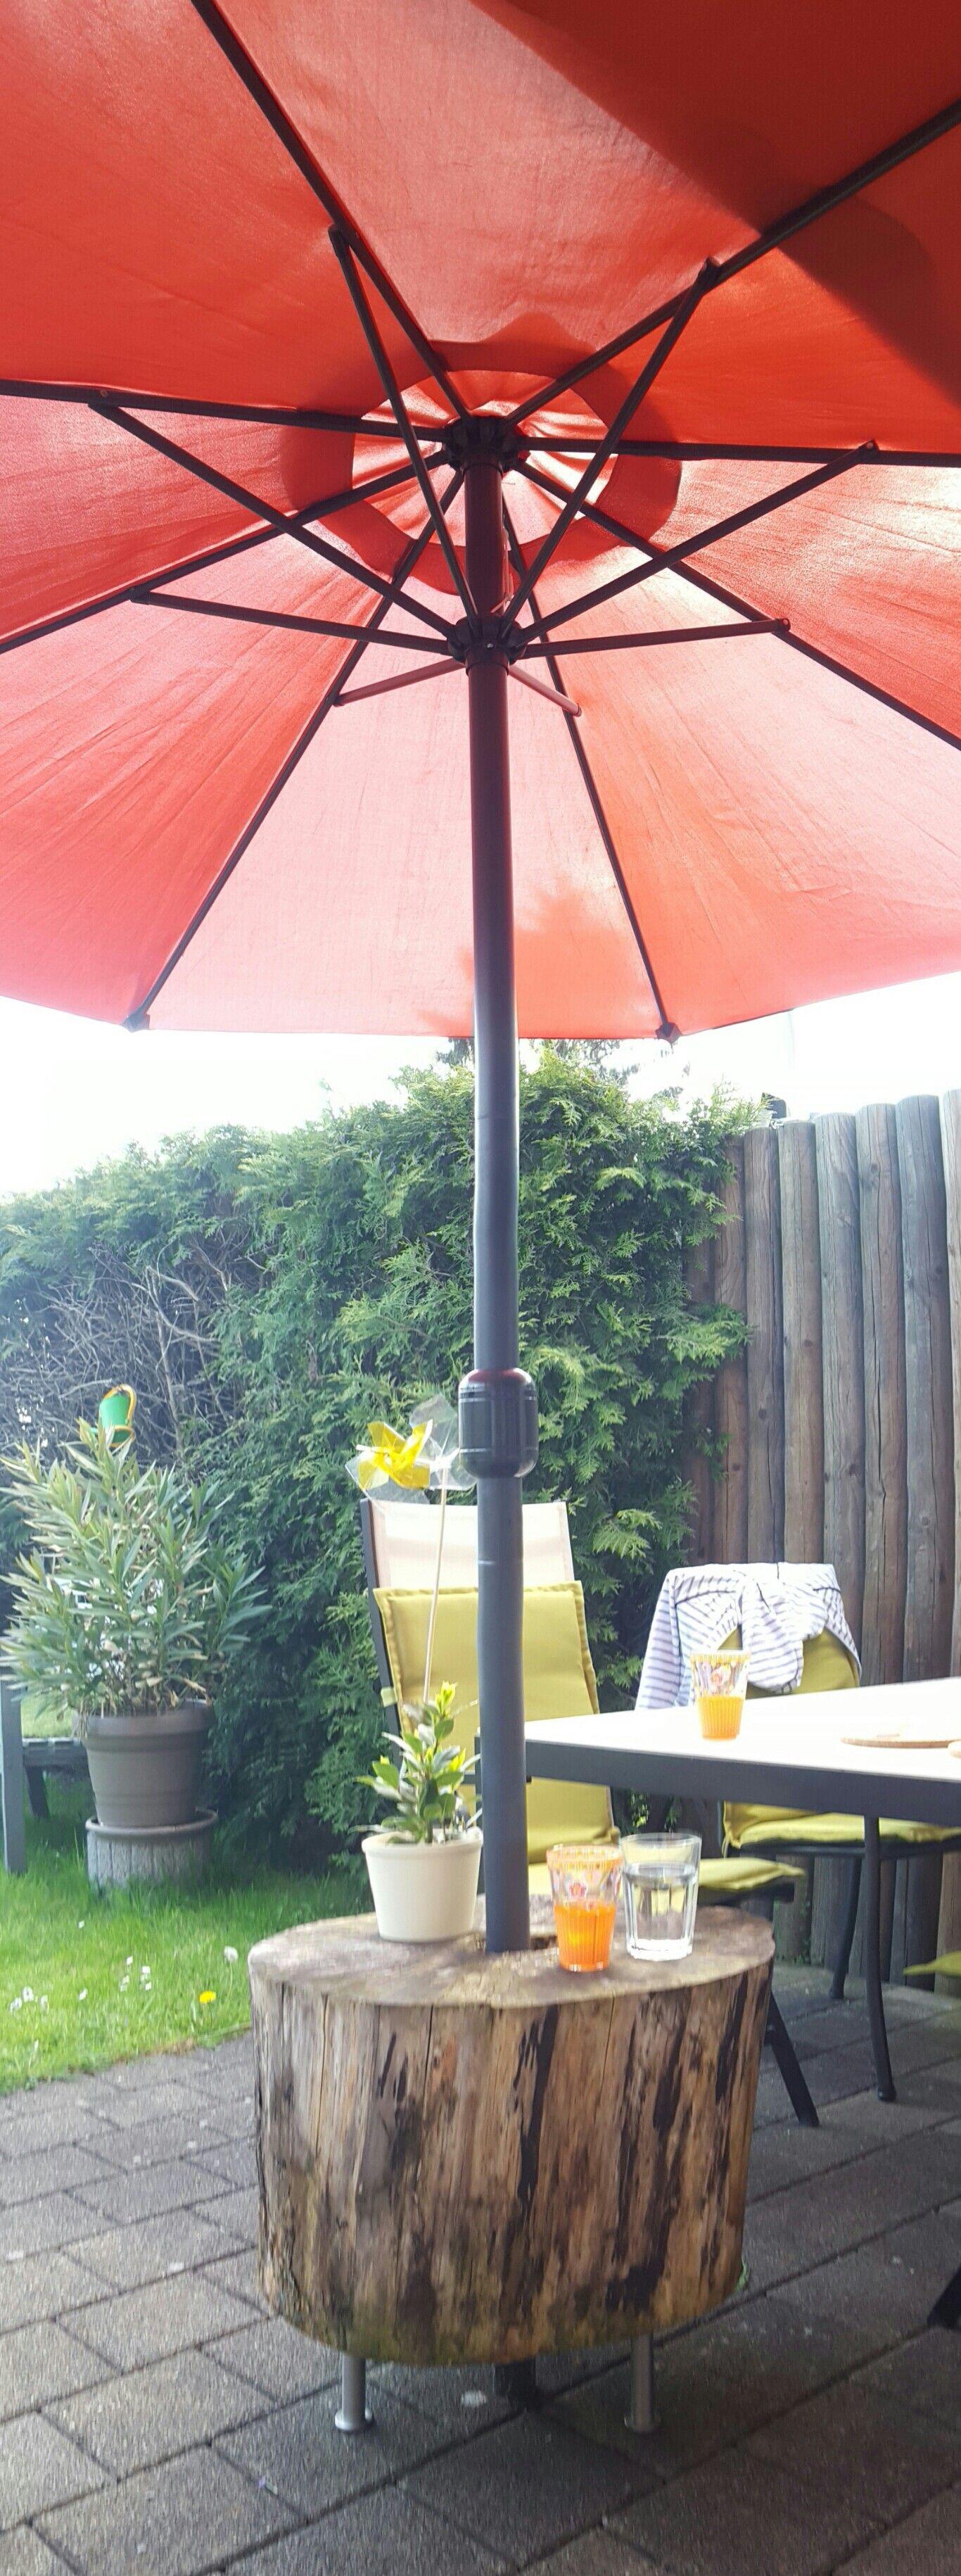 Sonnenschirmstander Marke Eigenbau Sonnenschirm Garten Sonnenschirmstander Garten Deko